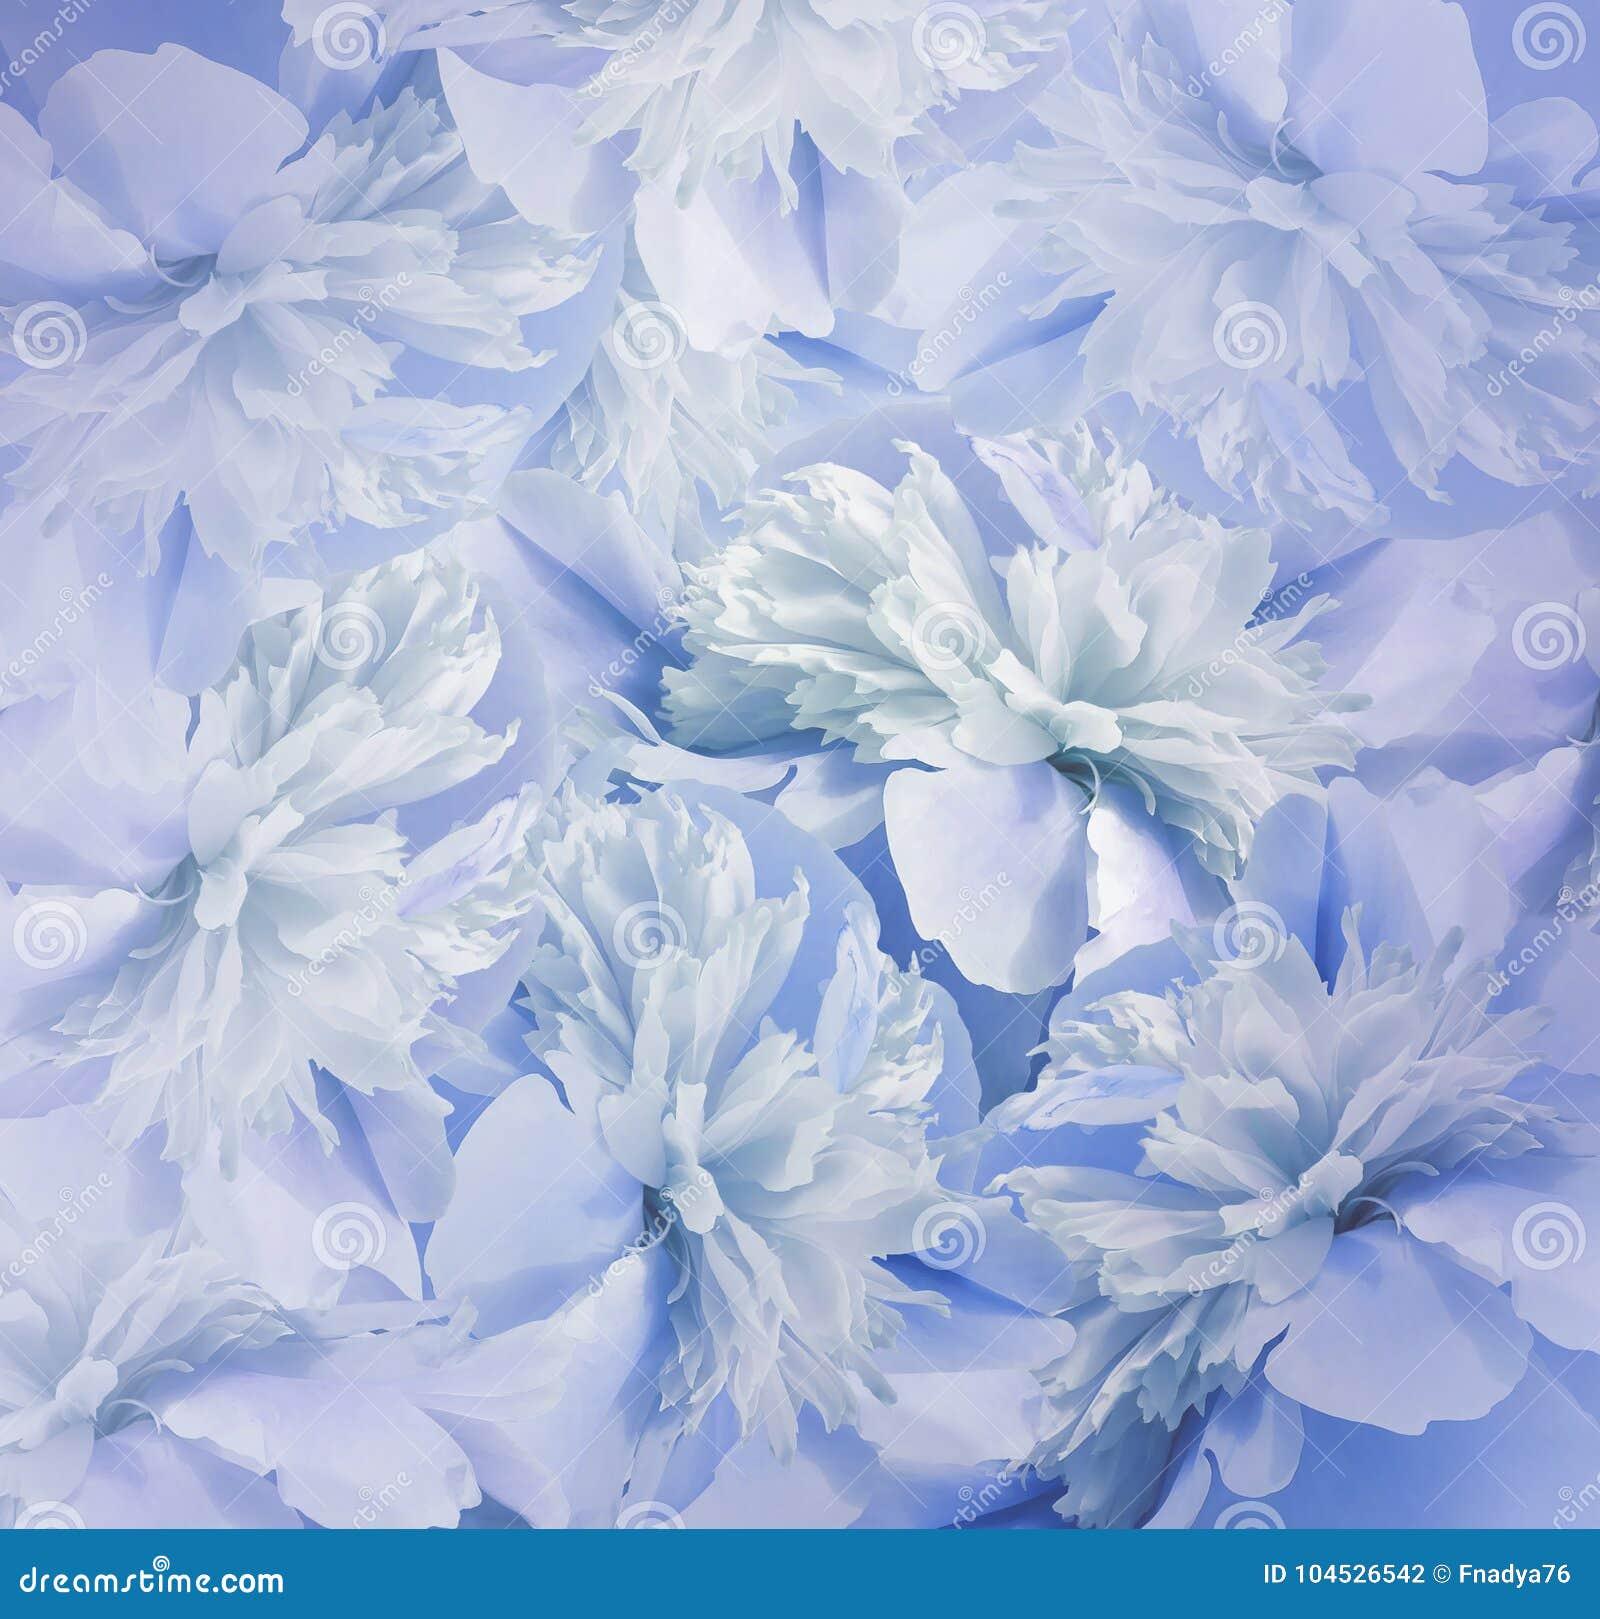 Blom- blåvit bakgrund Bukett av blommor av pioner Blått-turkos kronblad av pionblomman Närbild